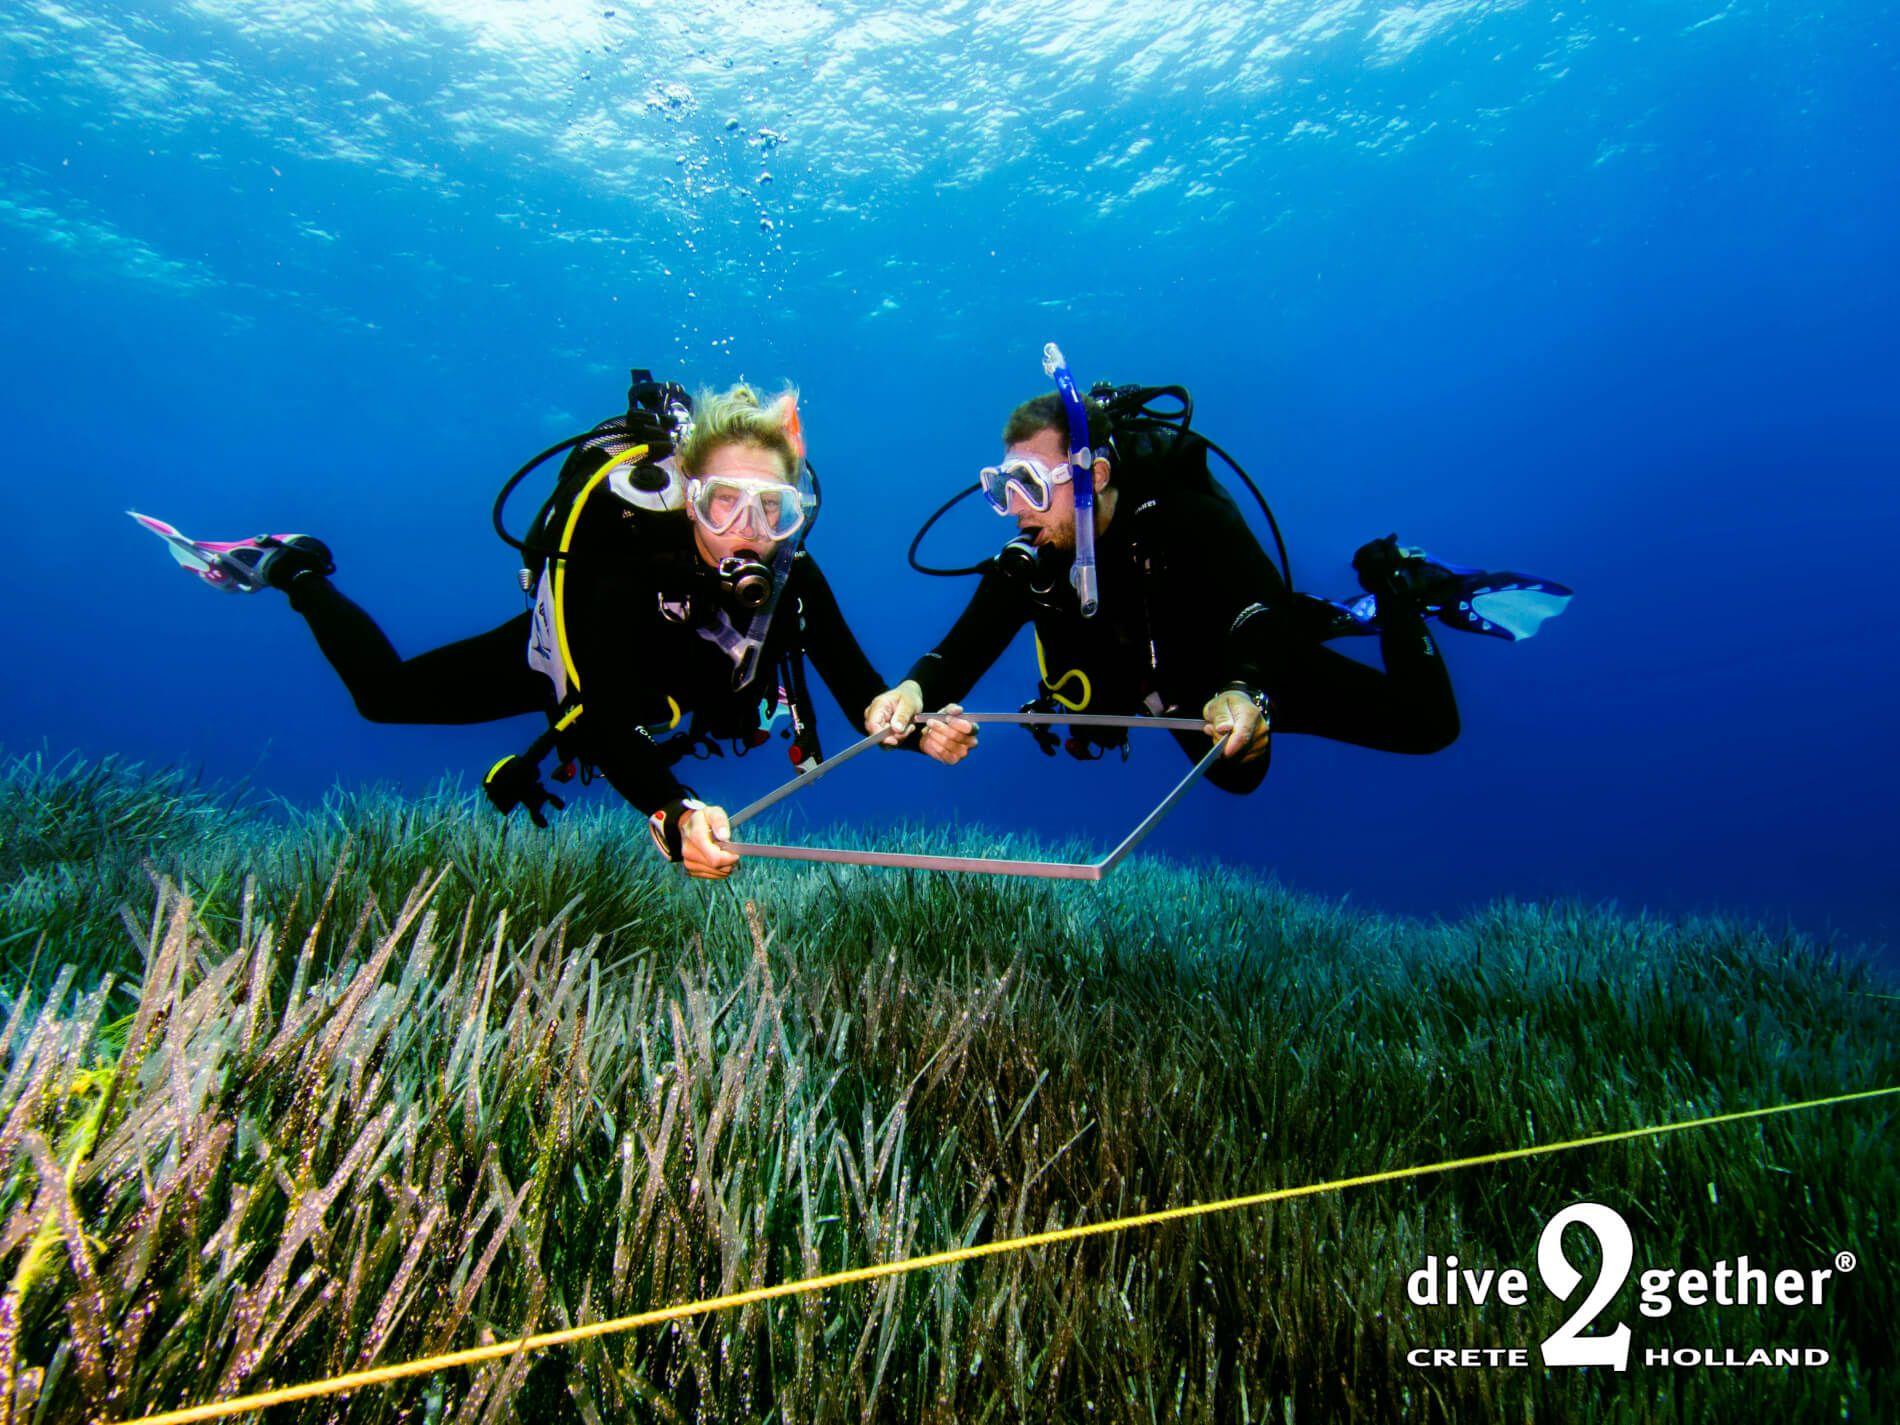 duiken in kreta - Dive2gether - sponsoring Gravure85